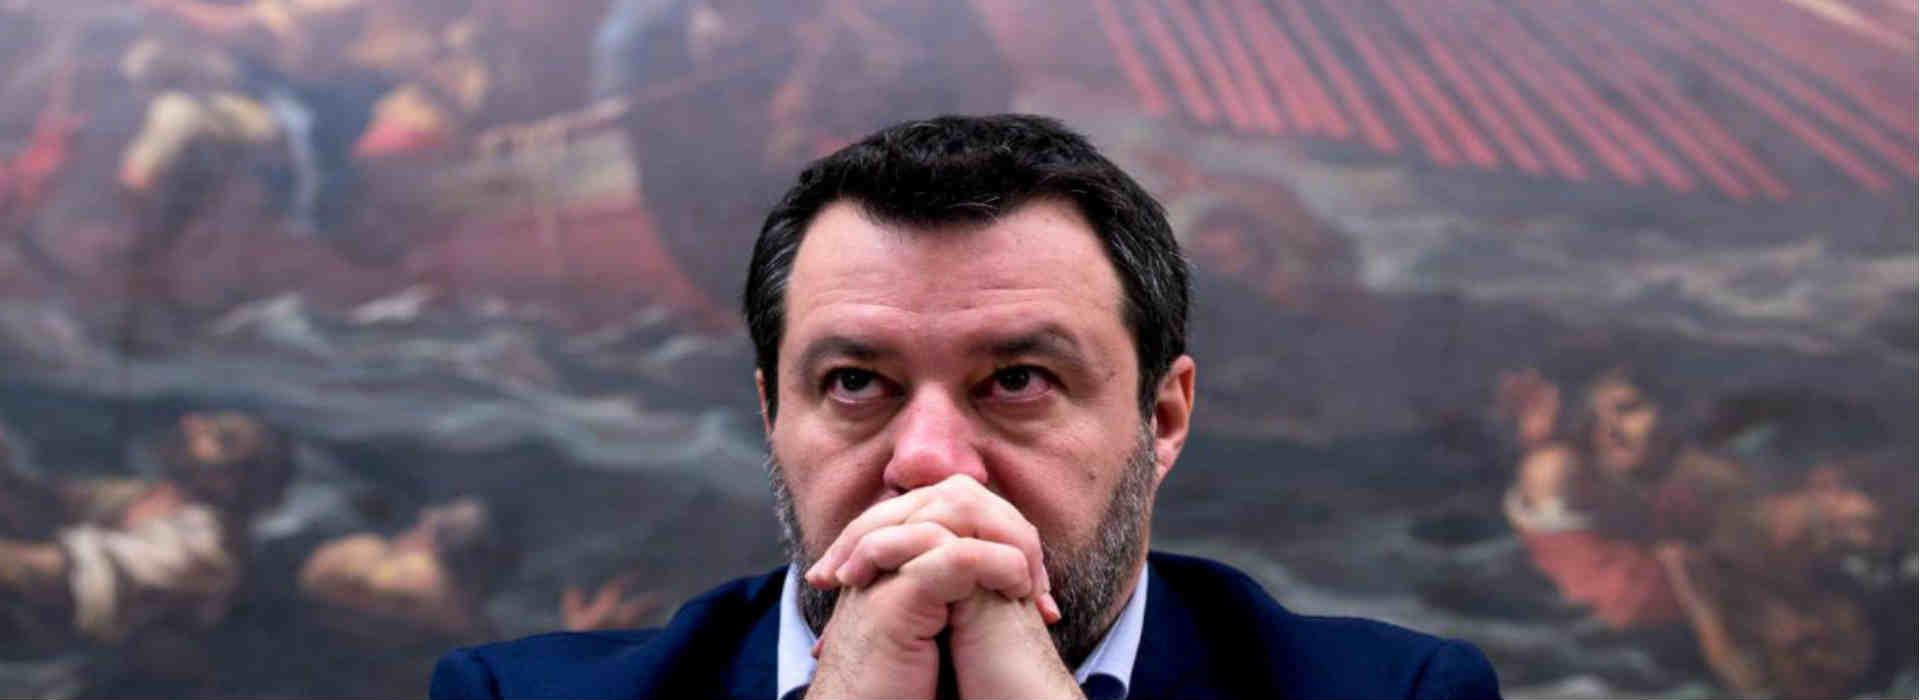 Caso Gregoretti: il triplo salto mortale del Tribunale dei Ministri per giustificare